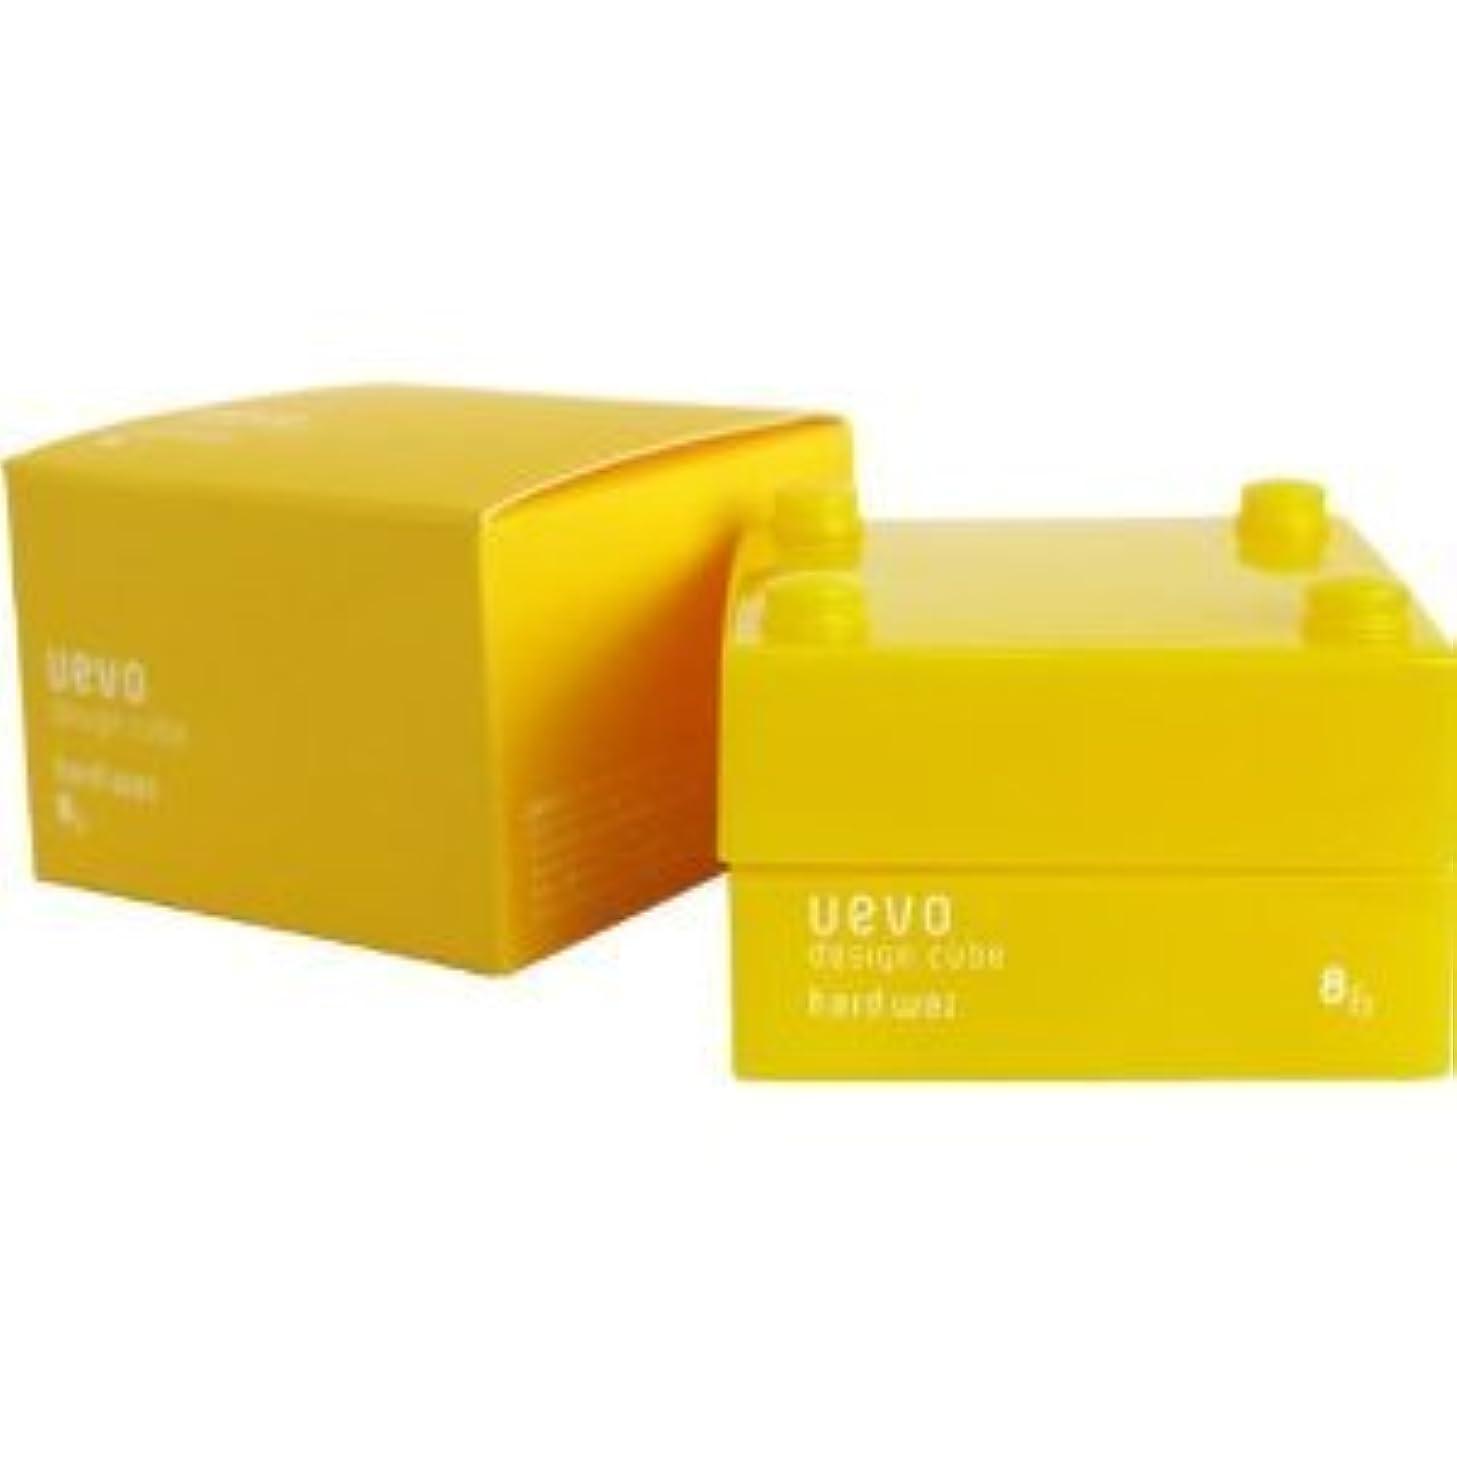 大学締め切り配分【X3個セット】 デミ ウェーボ デザインキューブ ハードワックス 30g hard wax DEMI uevo design cube